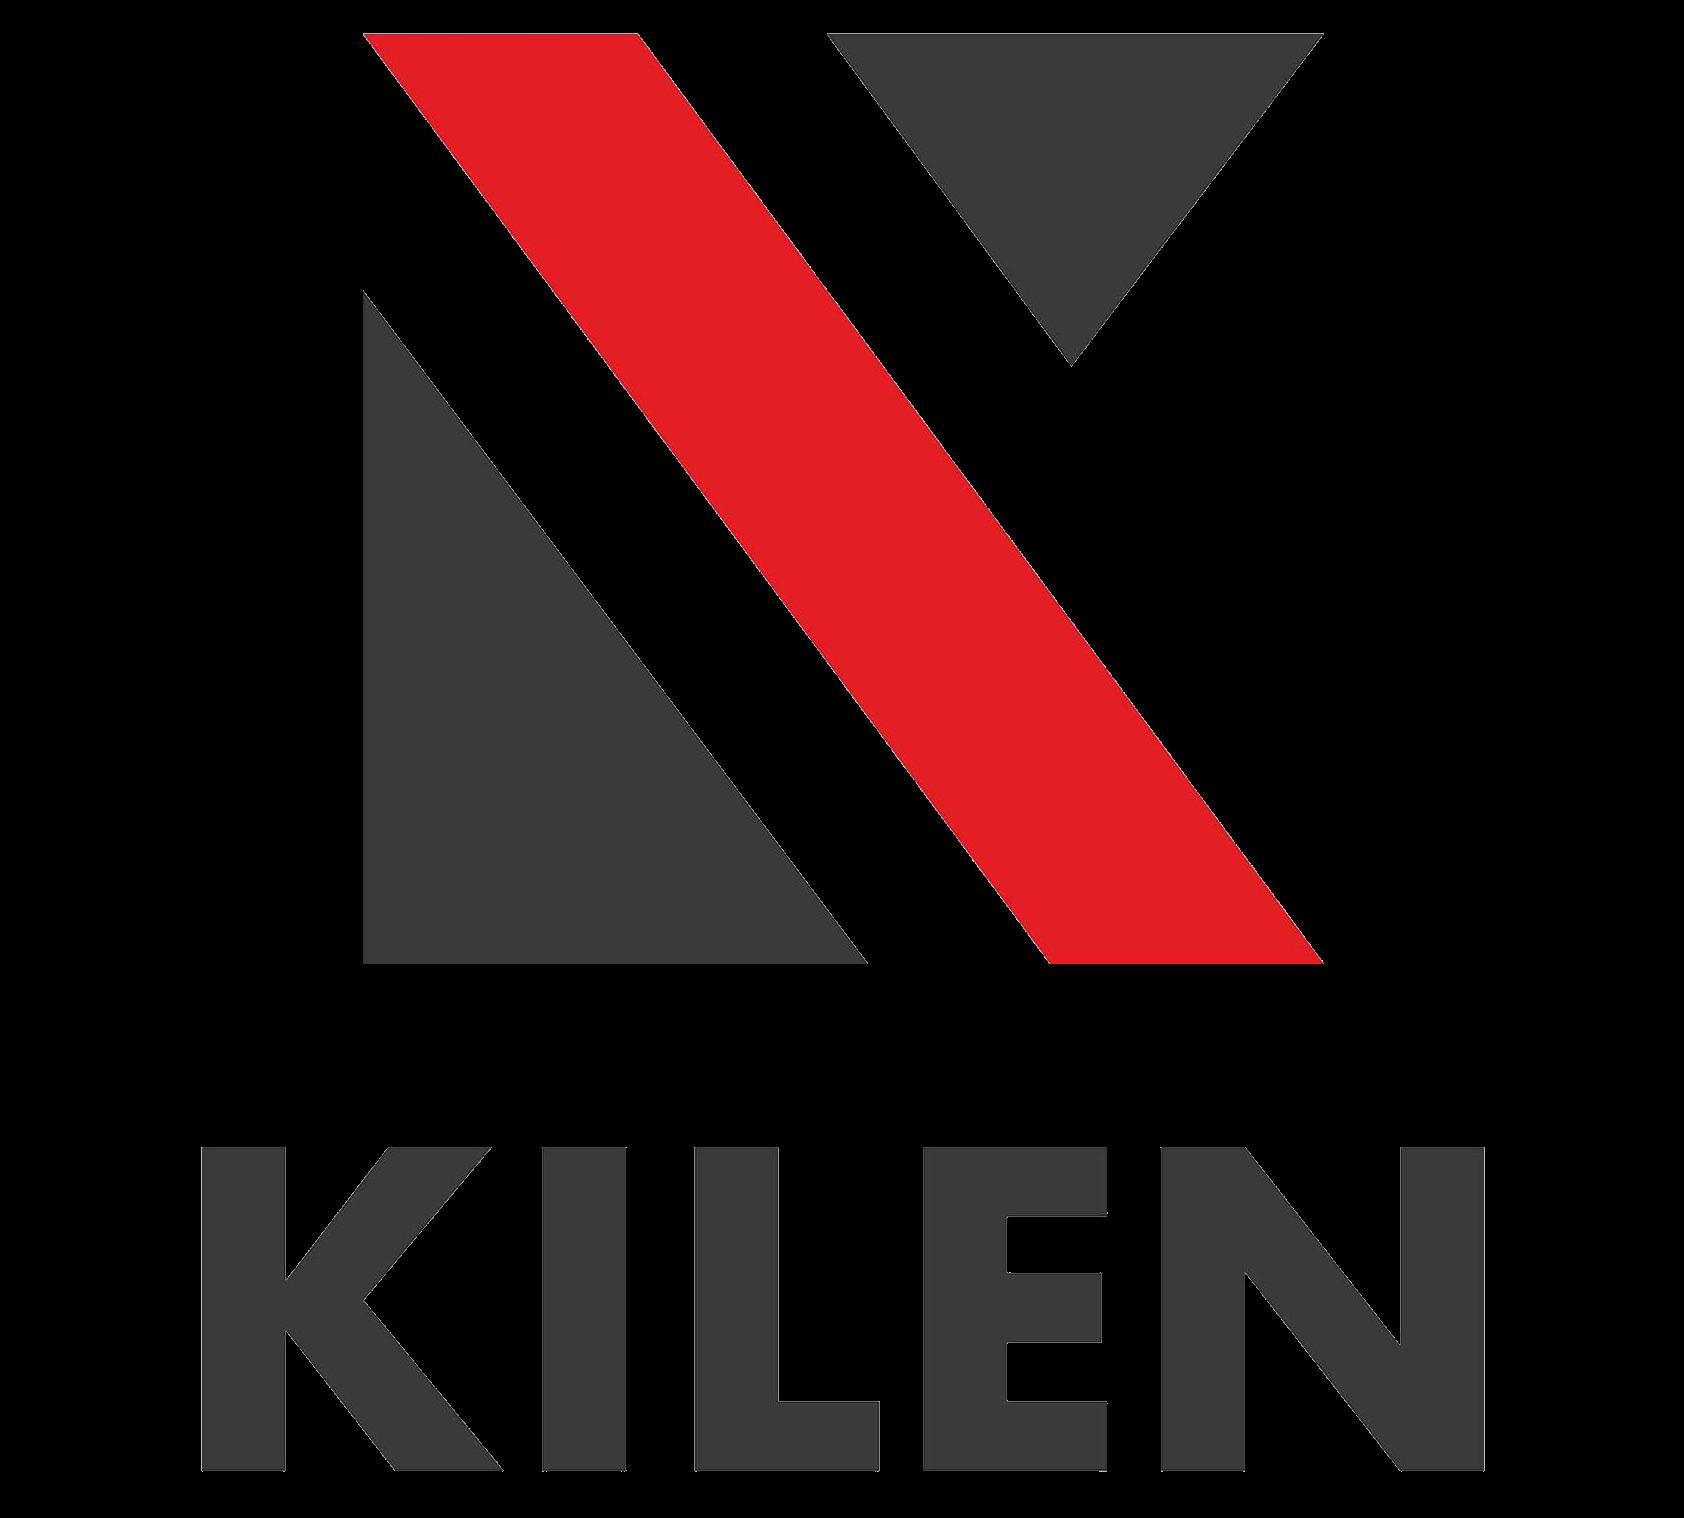 Kilen – cięcie laserem, wyroby z blachy, obróbka skrawaniem